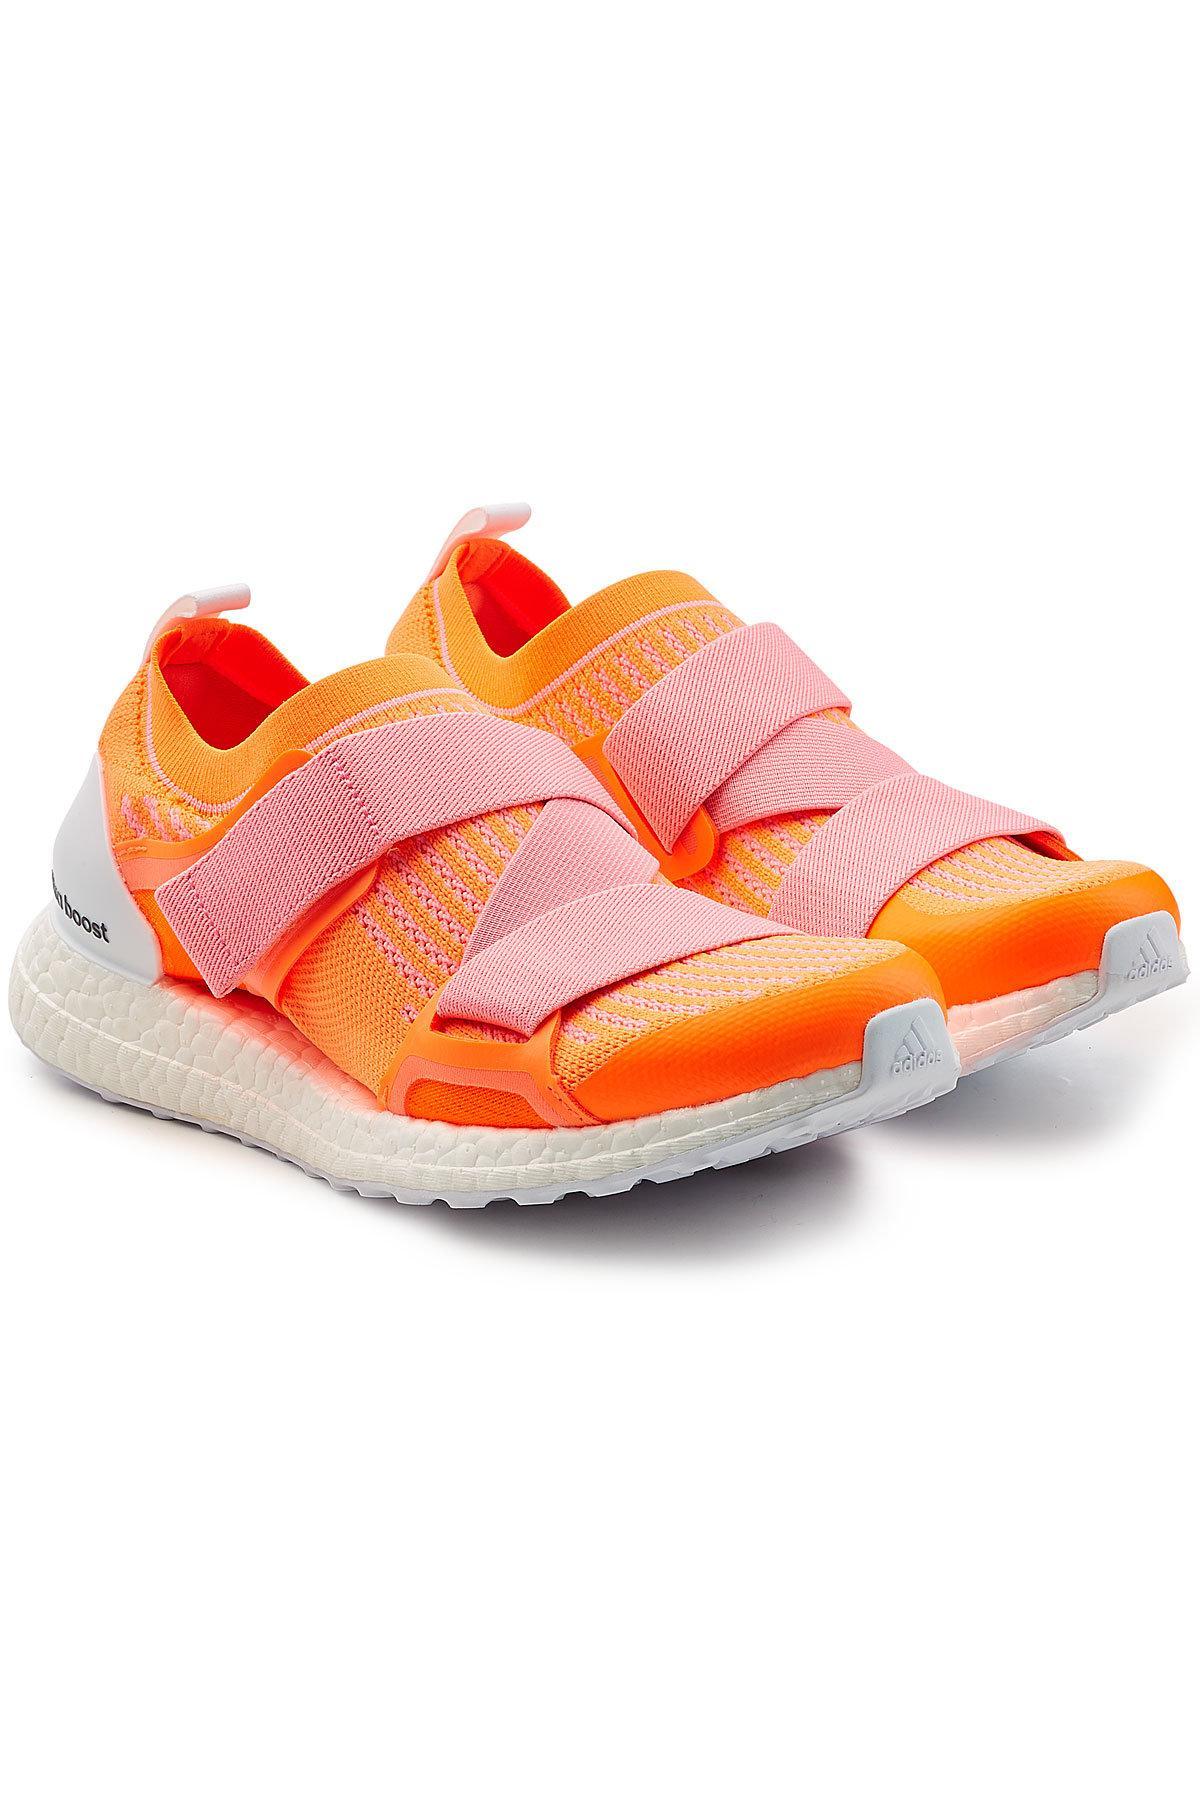 a379e998a7f79 Lyst - adidas By Stella McCartney Ultraboost X Sneakers in Orange ...